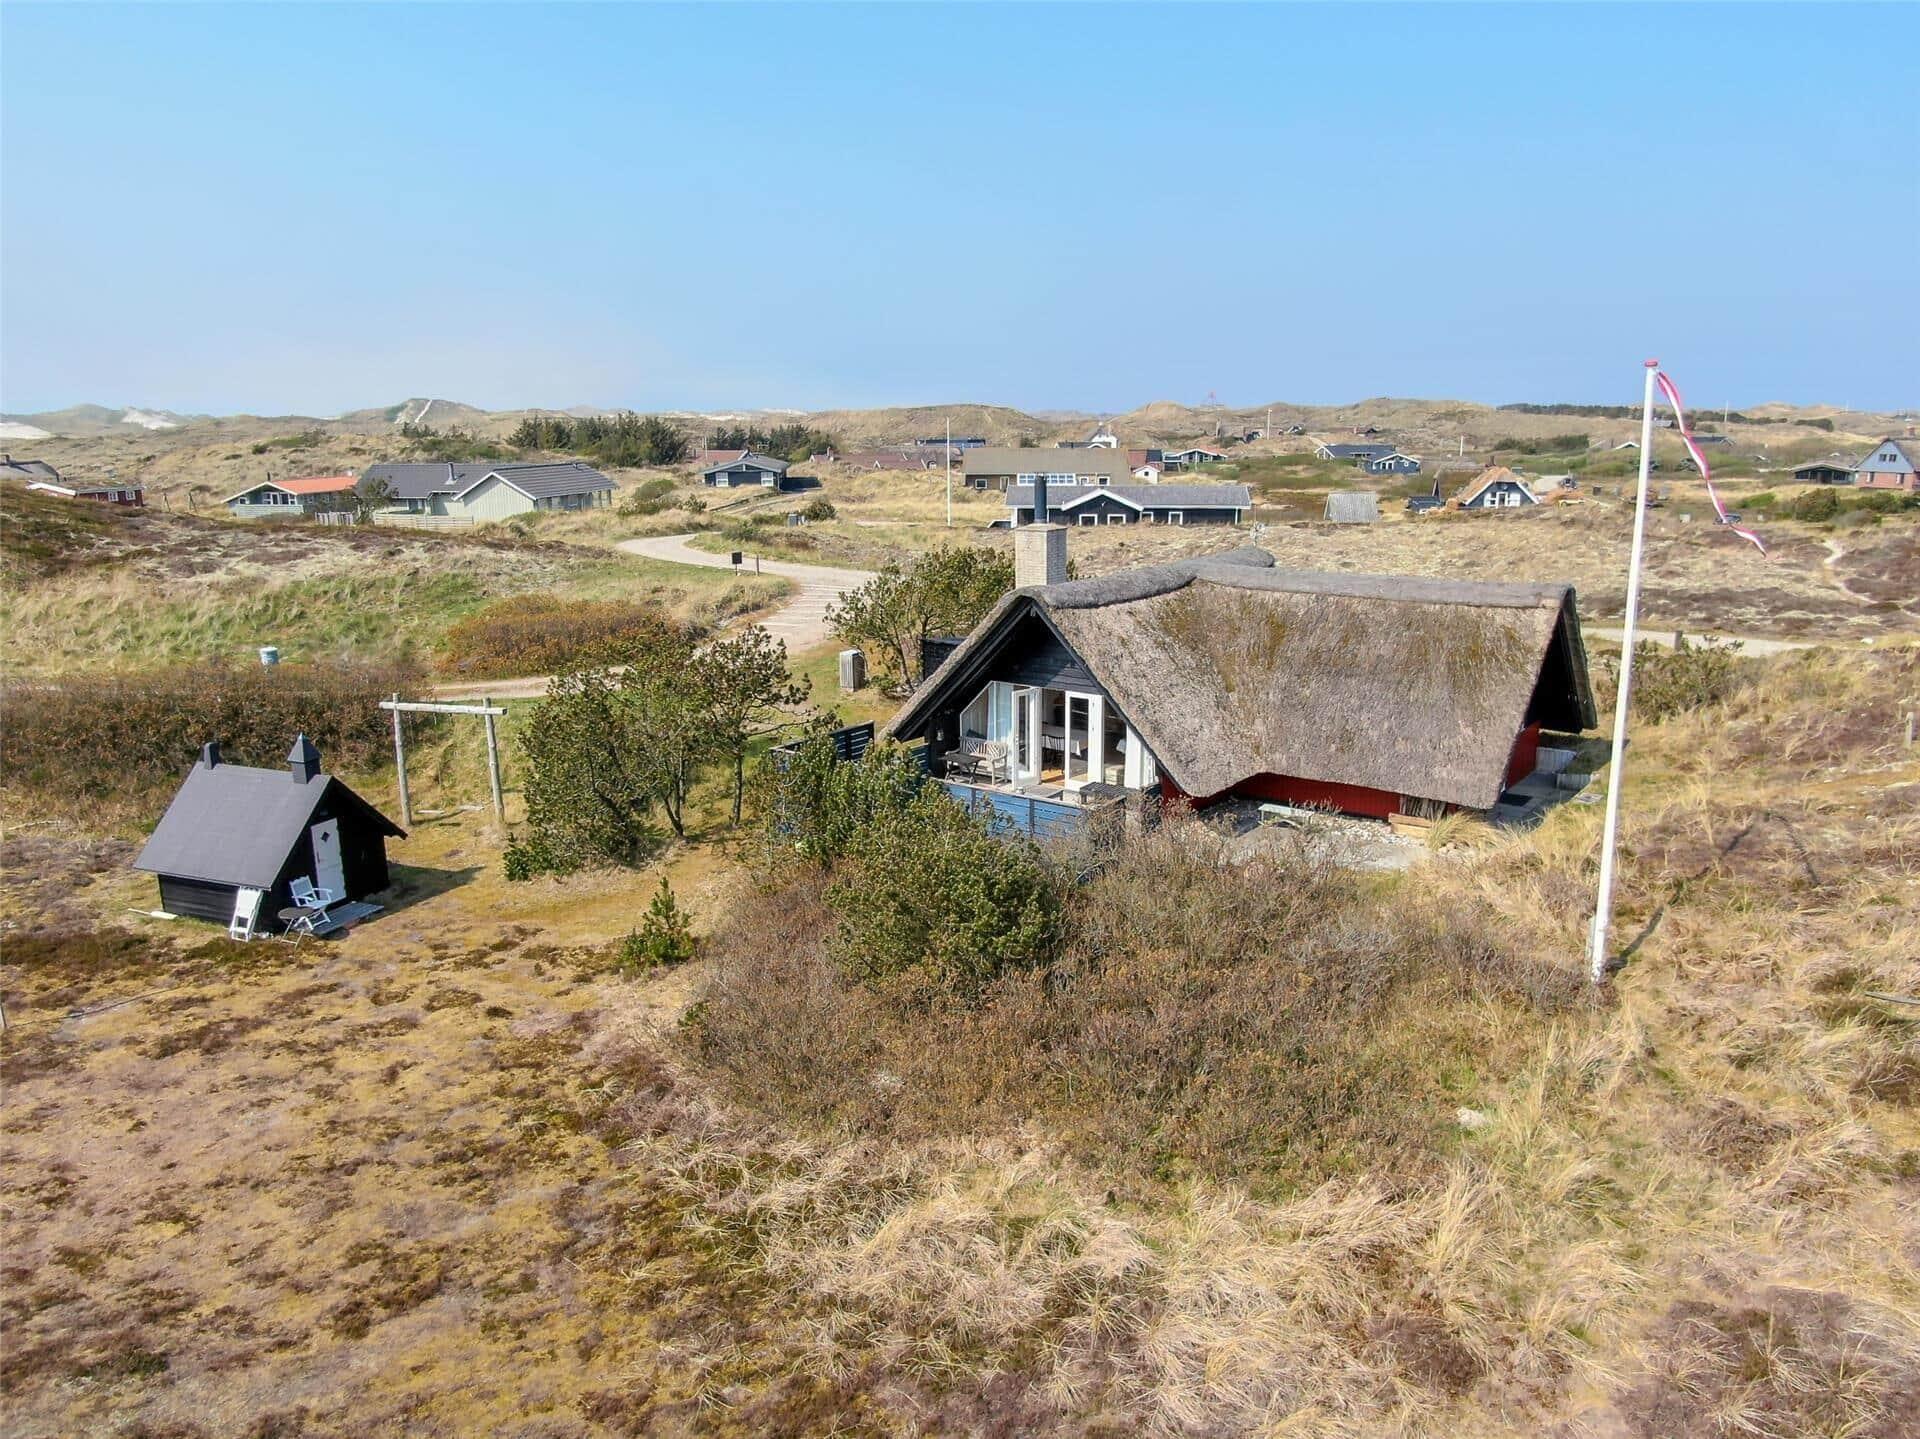 Image 1-4 Holiday-home 521, Sommervej 62, DK - 6960 Hvide Sande